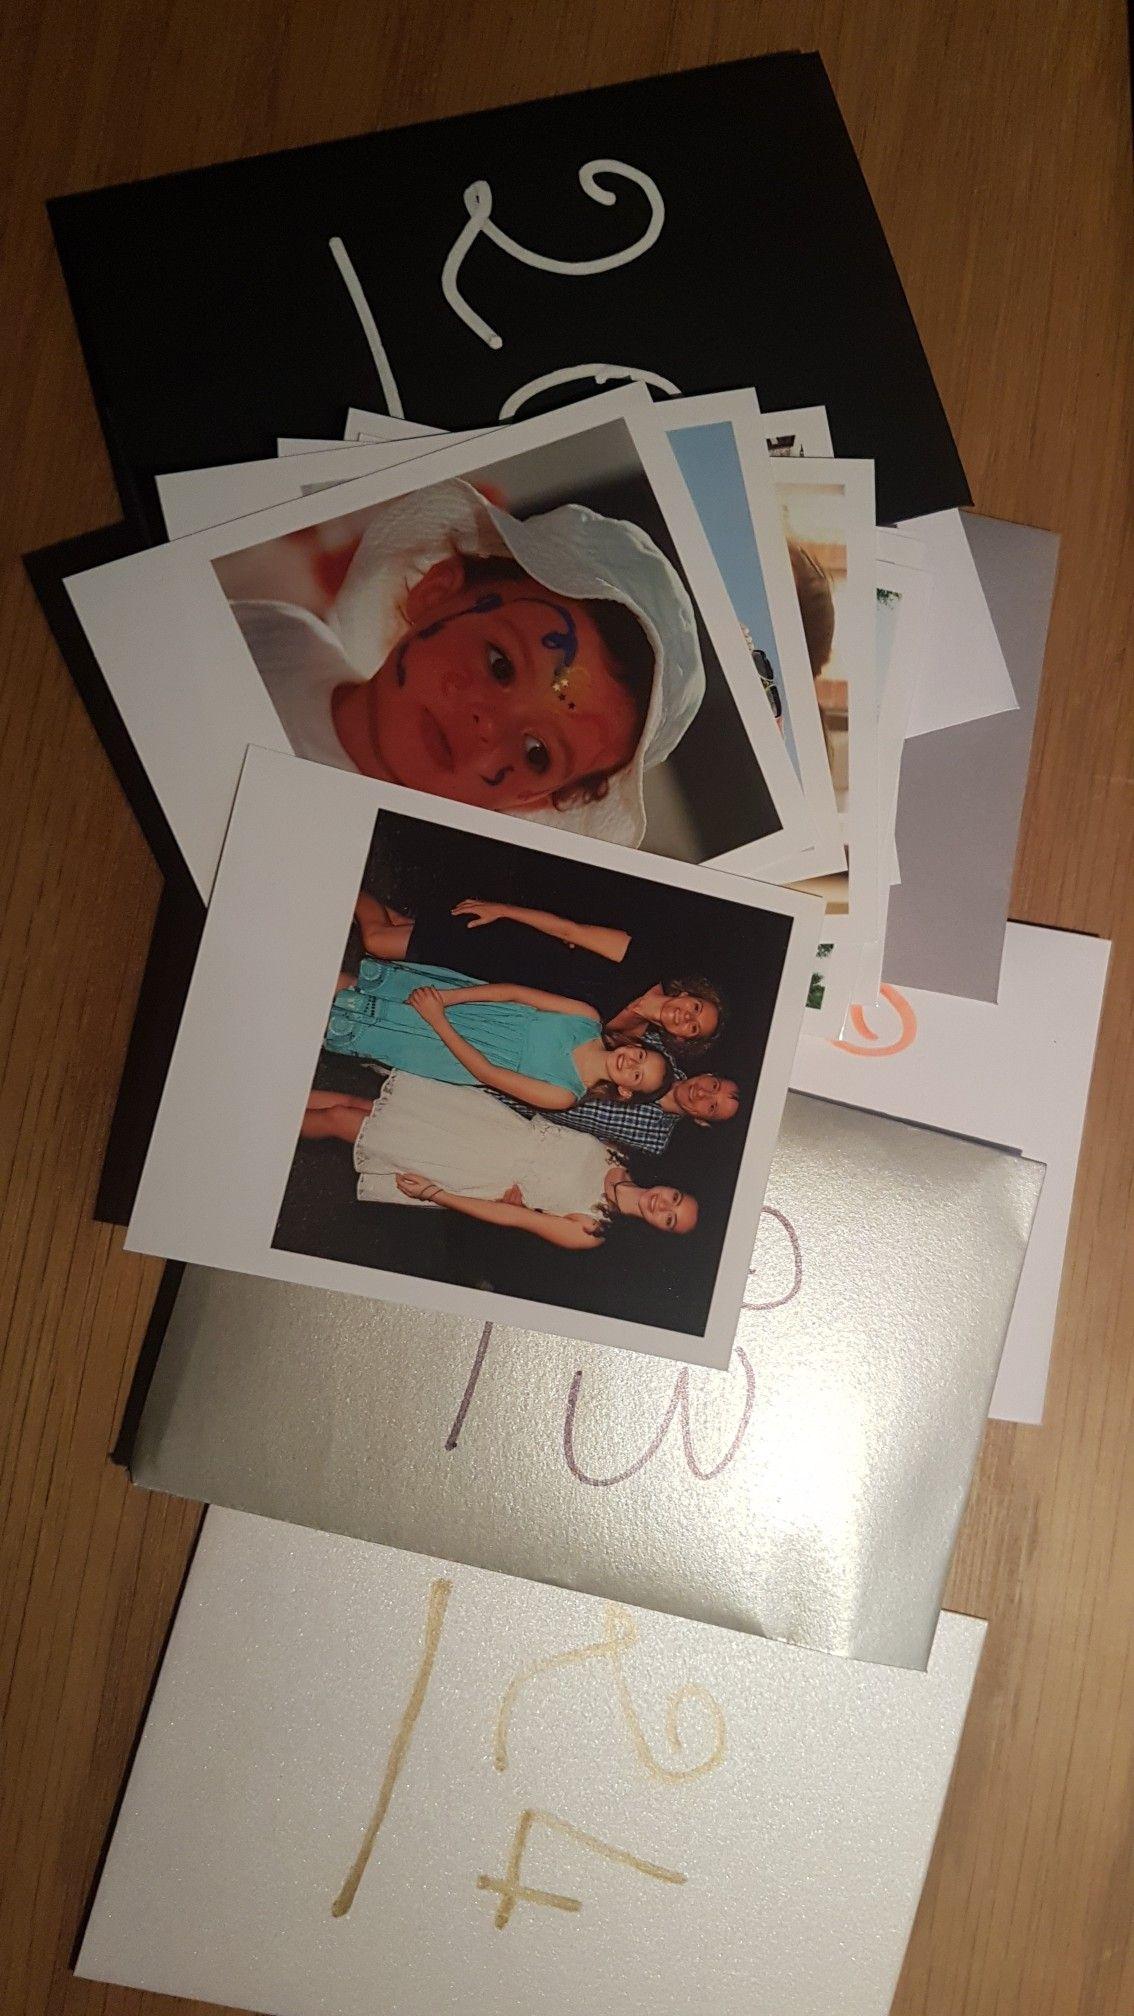 Calendrier De L'avent Cheerz : calendrier, l'avent, cheerz, Calendrier, Avent, Polaroid, #cheerz, L'avent,, Polaroid,